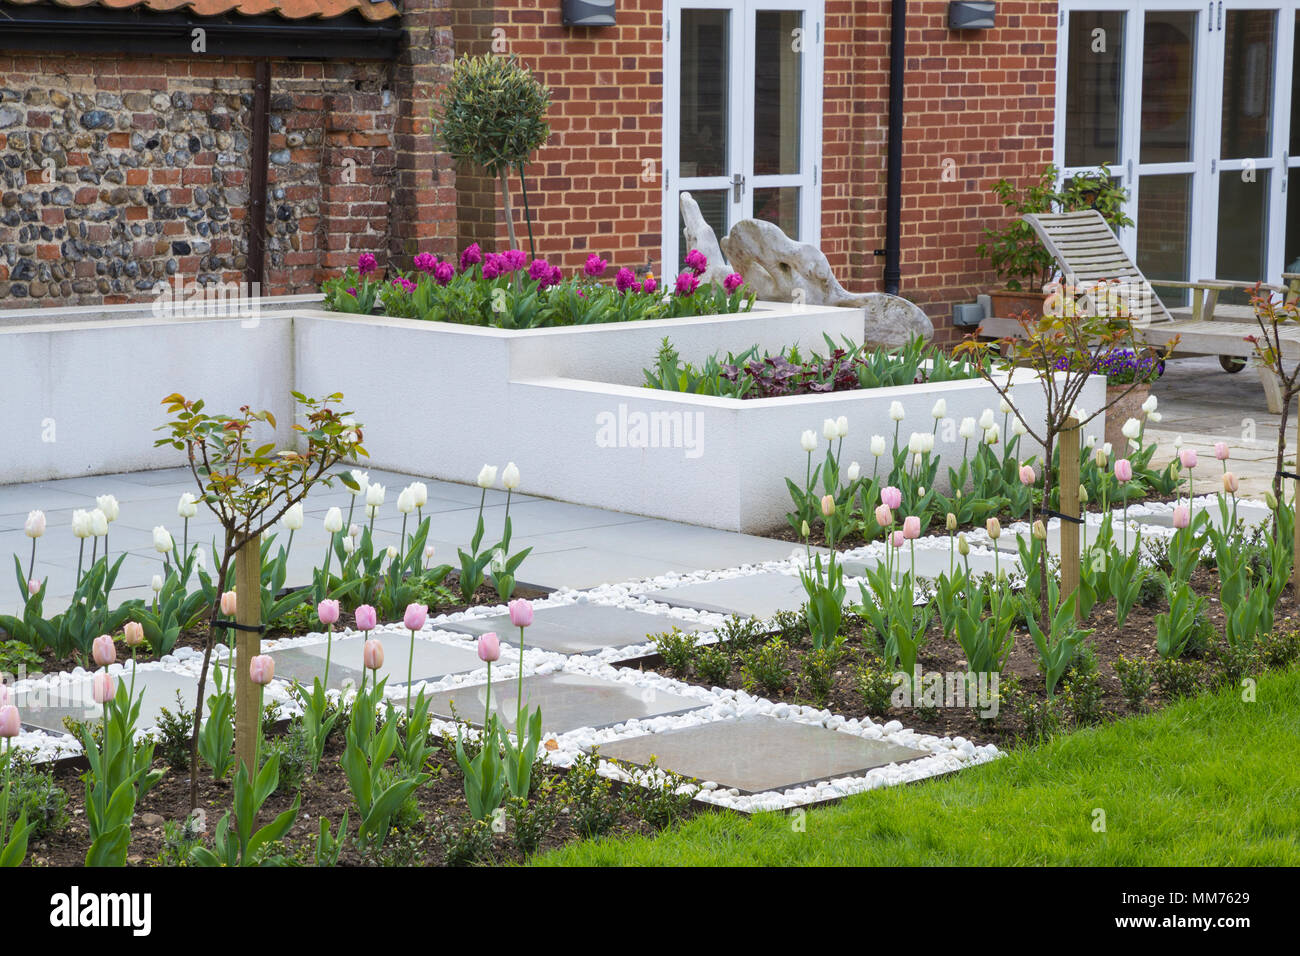 """Standard di mezza Rosa """"Stella Polare"""" e Tulipa """"diamante rosa' linea l'ingresso alla contemporanea area patio. Credits: Design by Zinnia Garden Design. Const Foto Stock"""